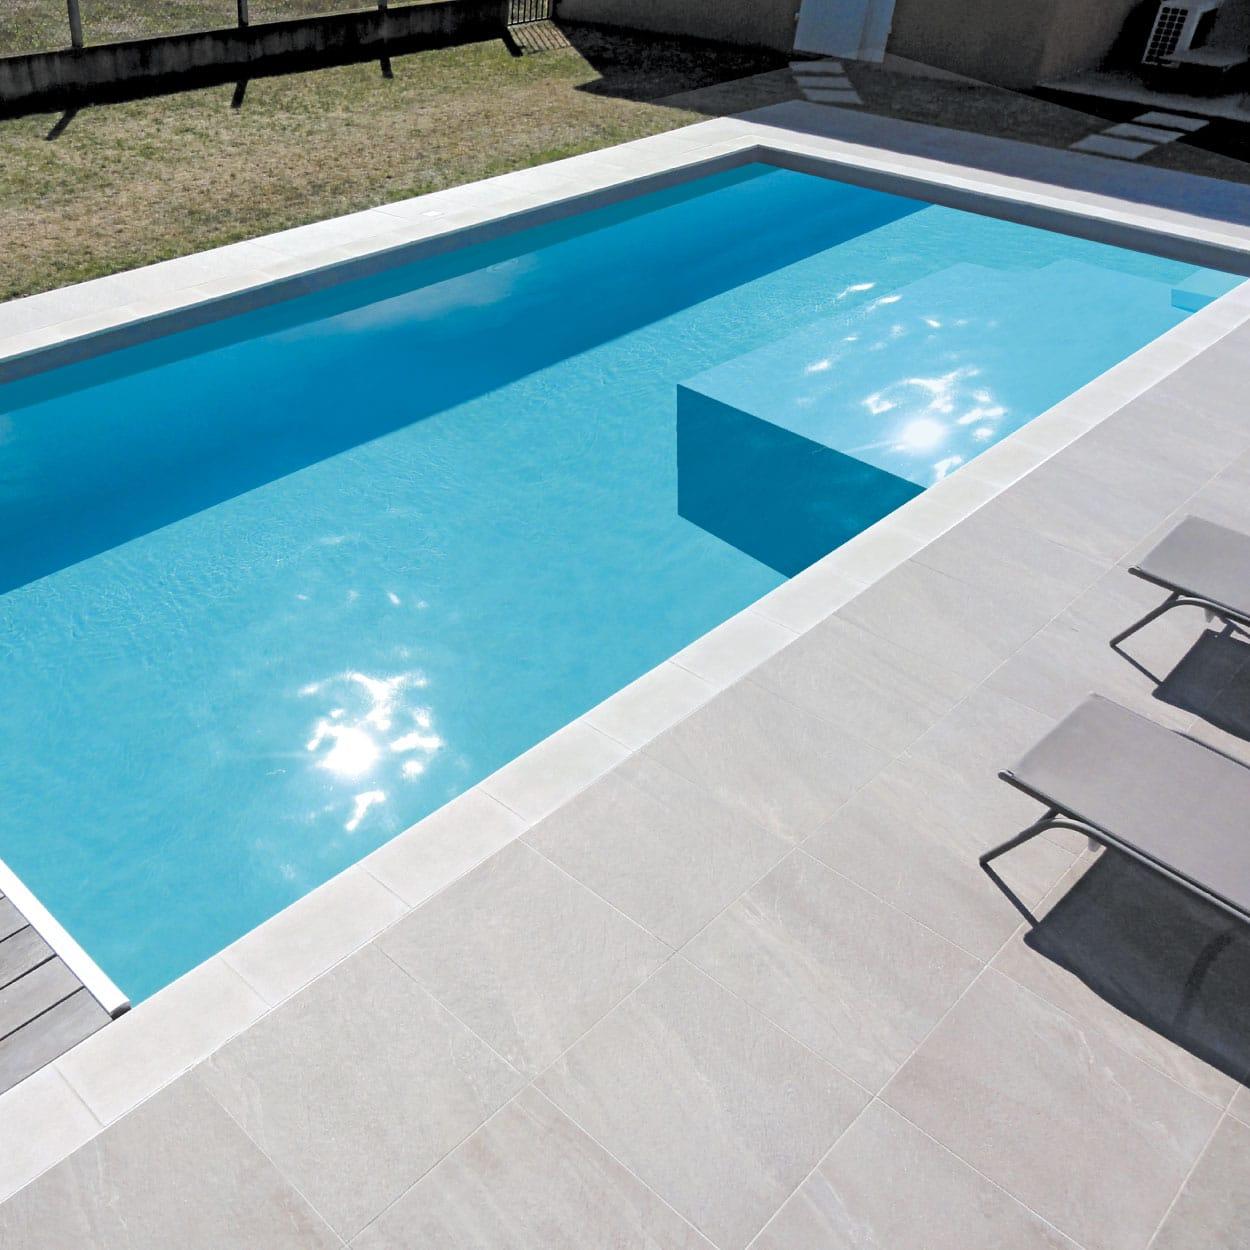 realisation-piscine-coque-plage_gruissan Modèle Gruissan Plage